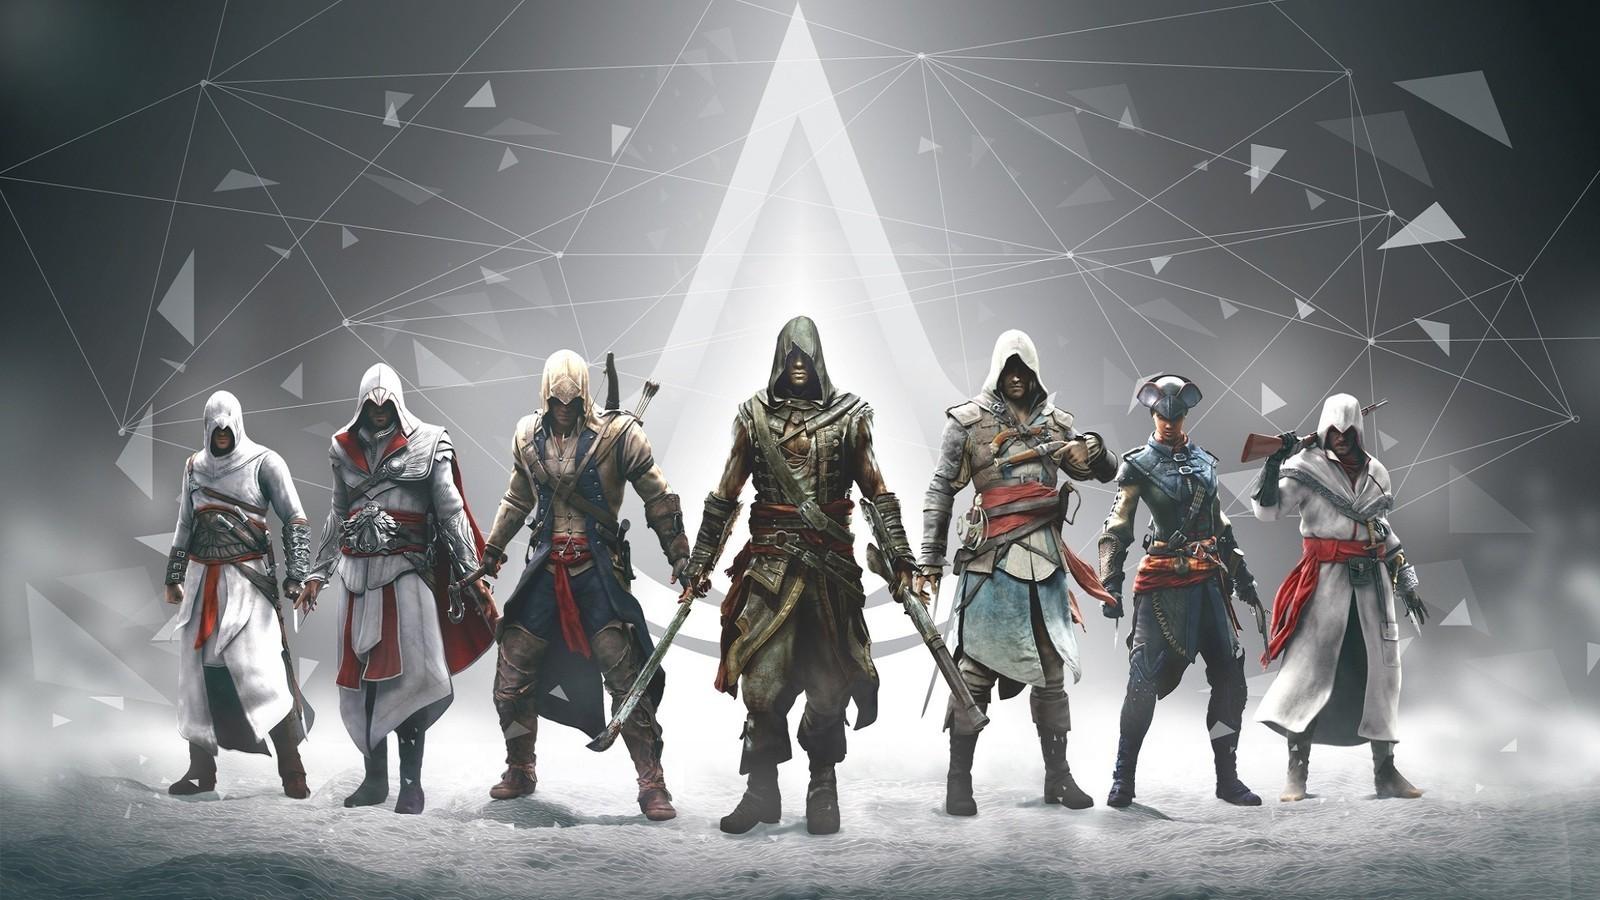 Assassin's Creed next-gen potrebbe includere diverse timeline storiche in un solo gioco